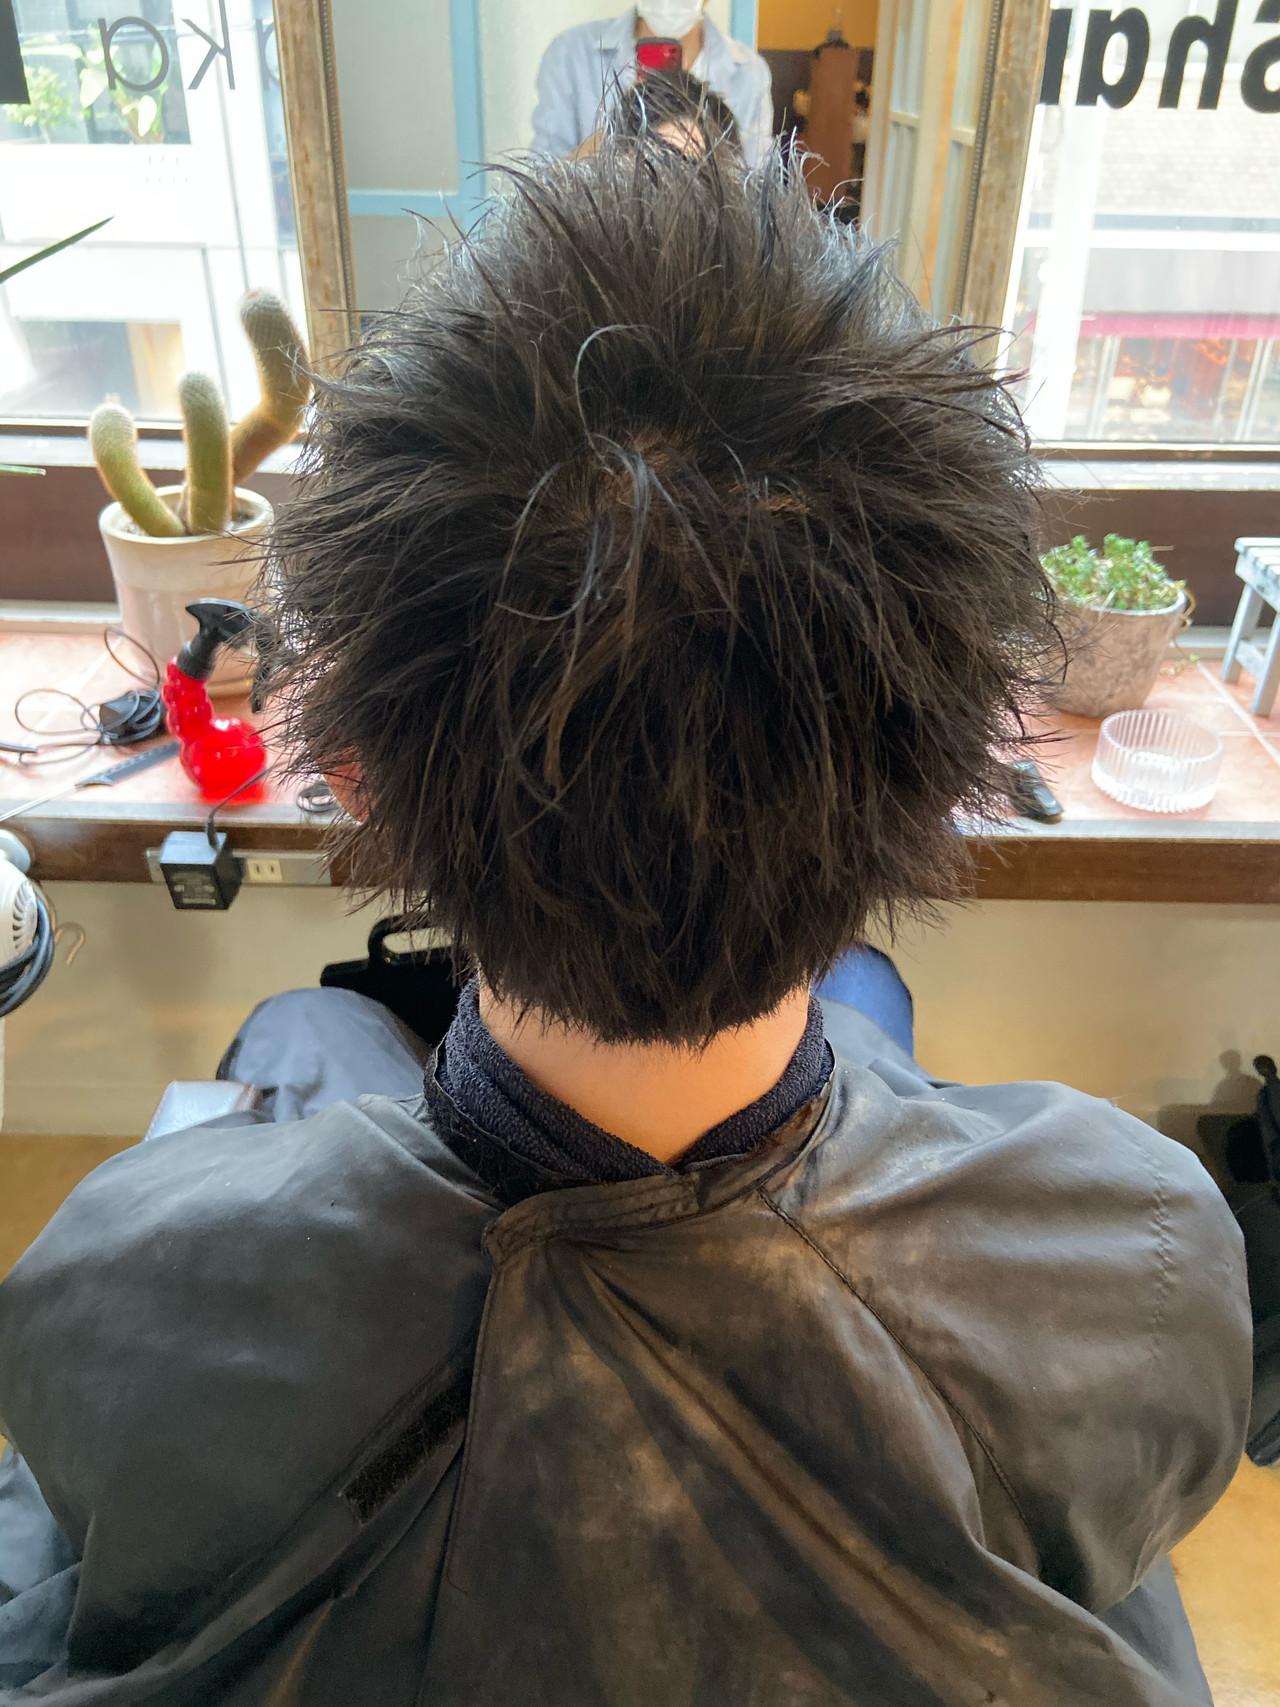 ショート メンズカラー メンズショート フェードカット ヘアスタイルや髪型の写真・画像 | つーくん / フリーランスシェアサロンルレイル